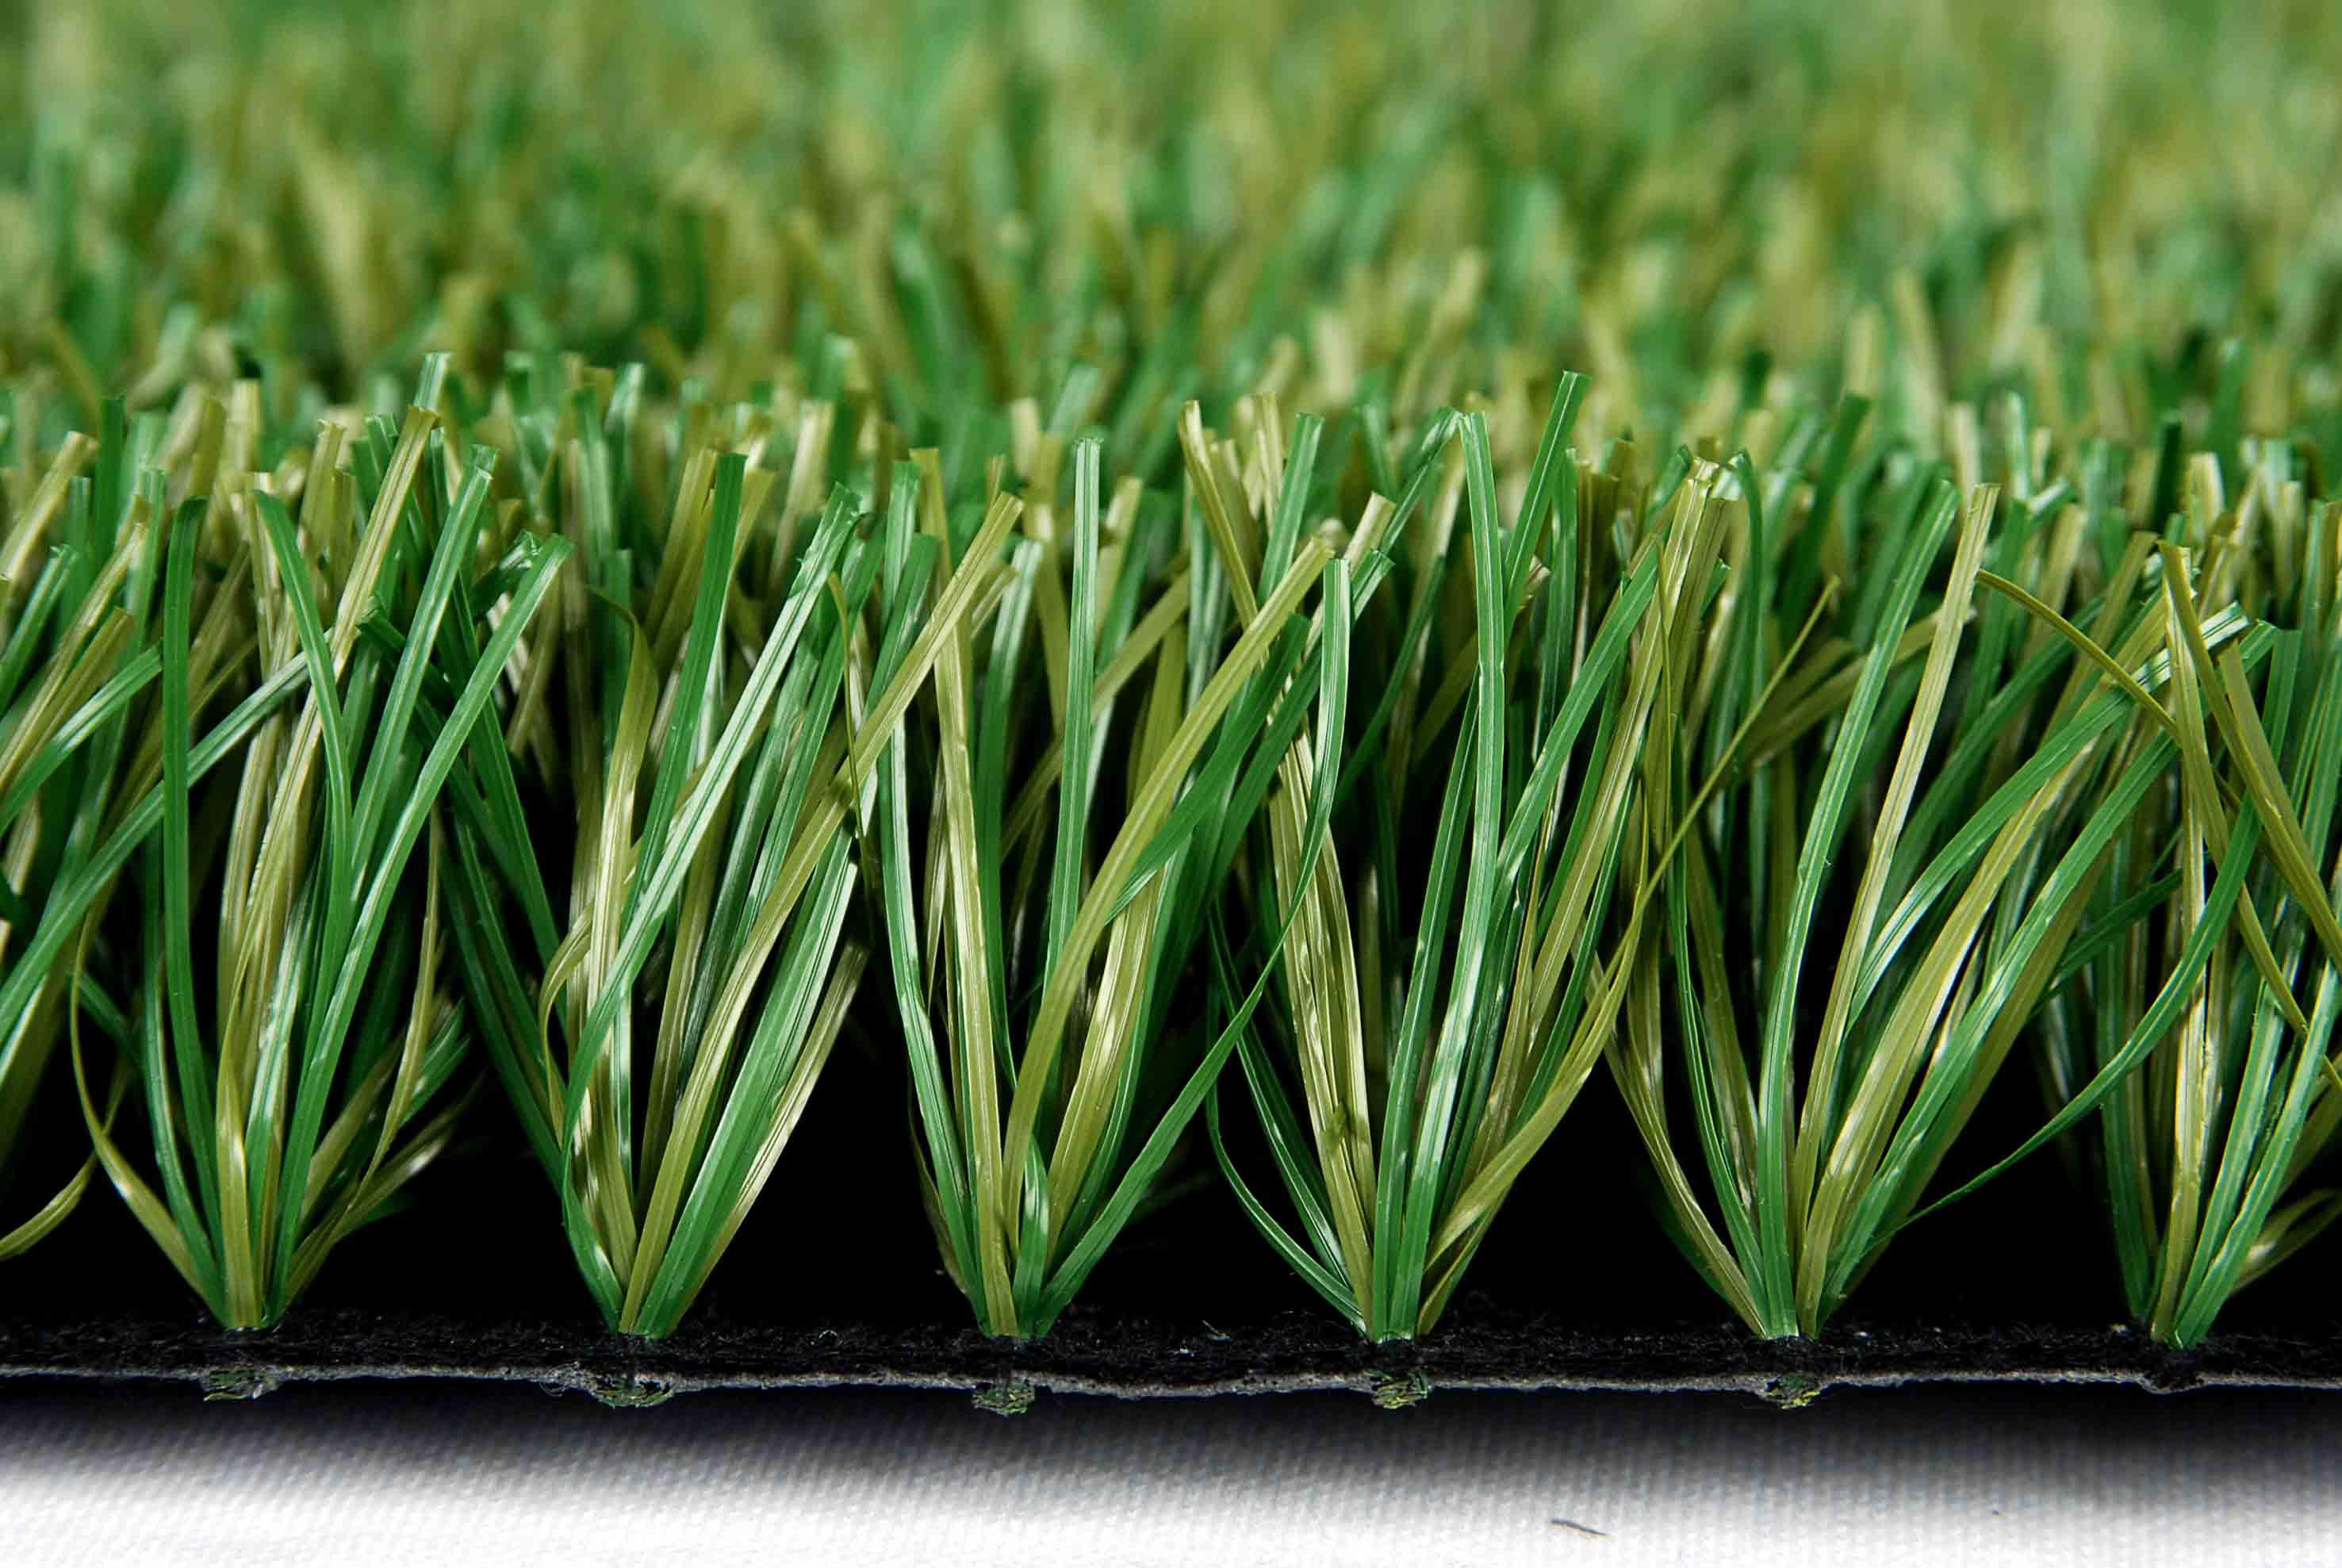 pode colocar grama sintética na terra